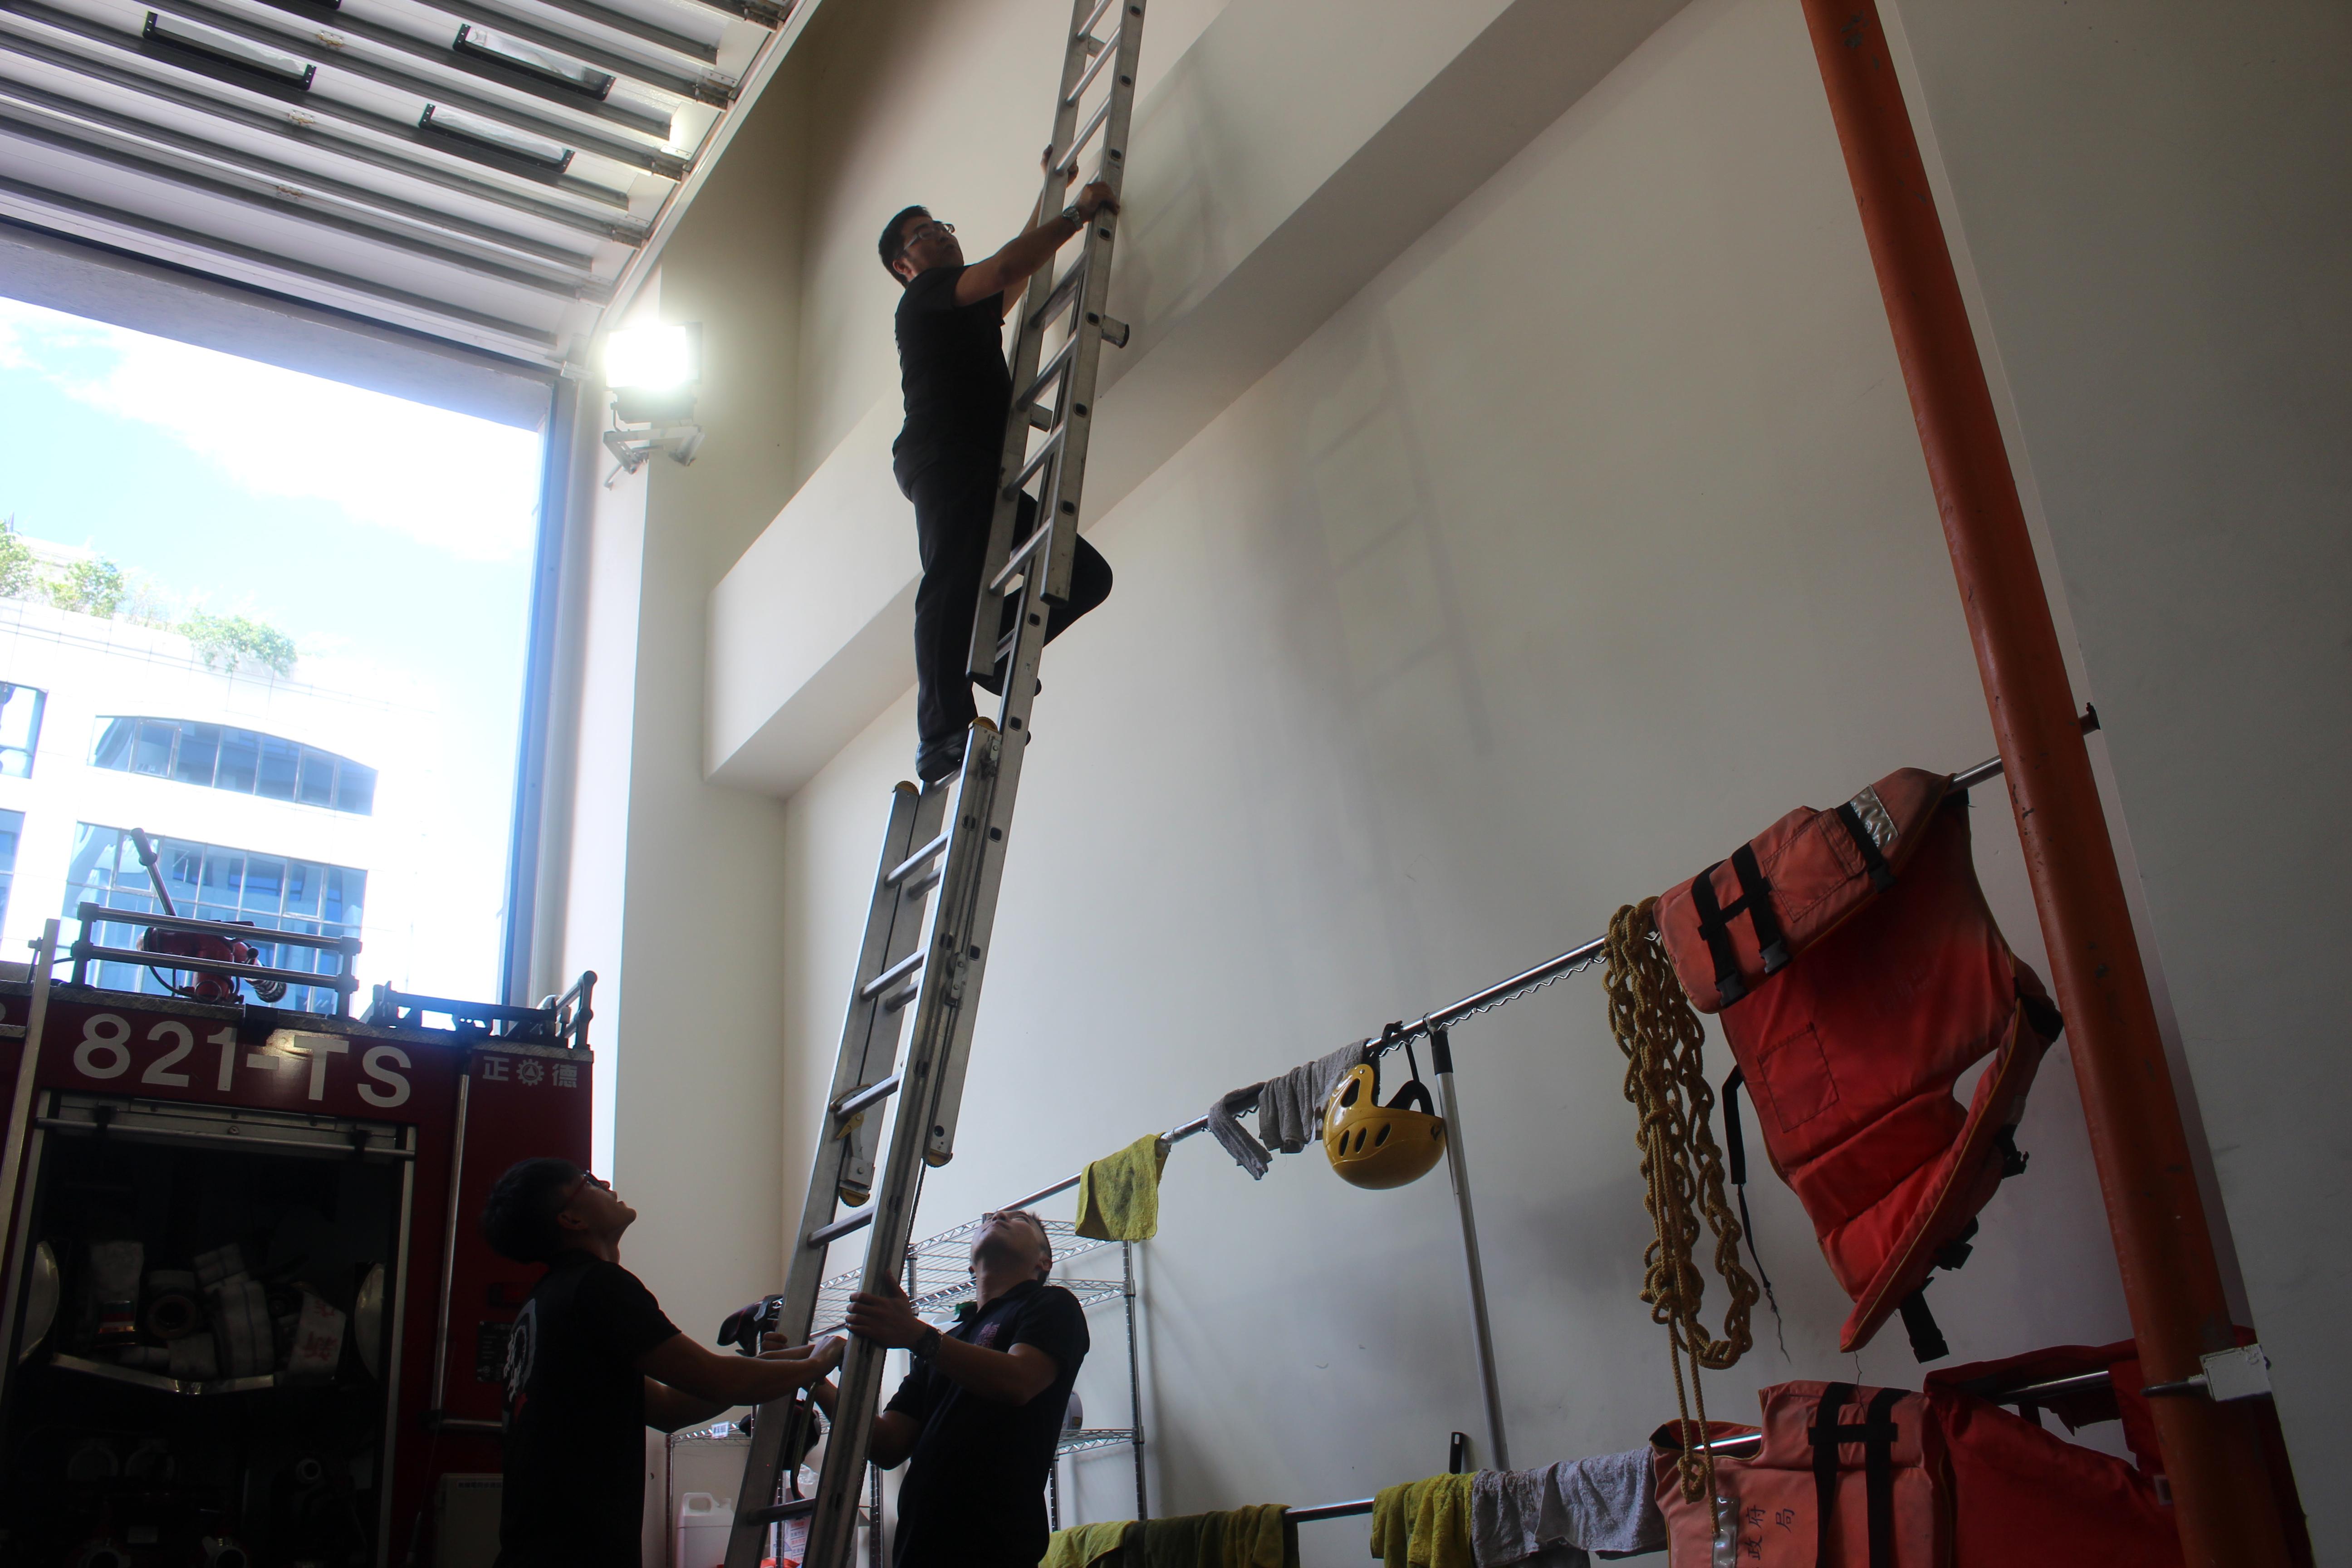 救災情況多變,消防員的後勤工作不曾忽視。攝影/祝敏婷